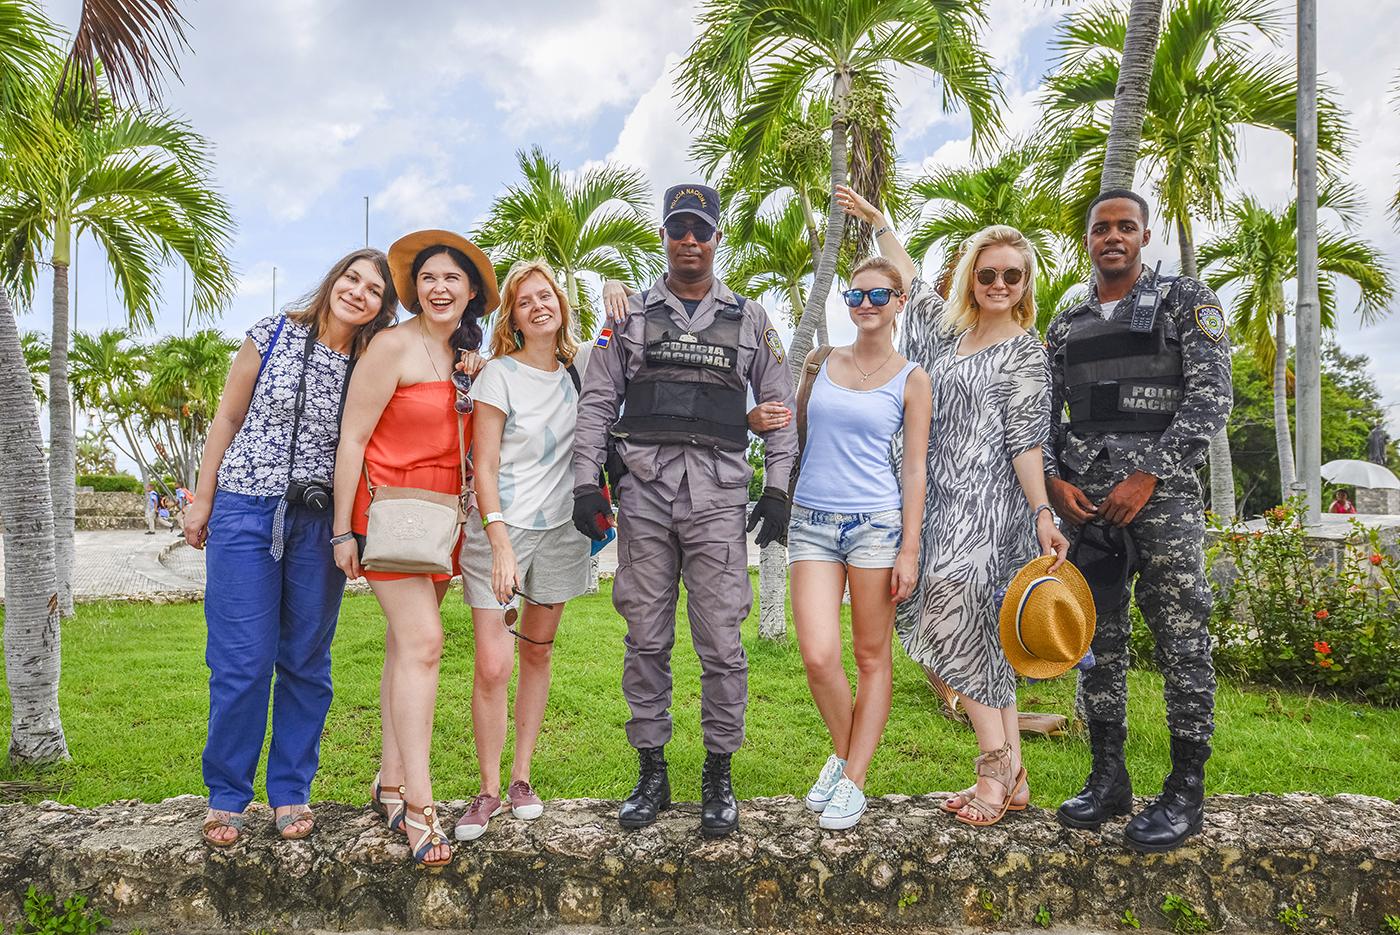 annamidday, анна миддэй, анна мидэй, travel blogger, русский блогер, известный блогер, топовый блогер, russian bloger, top russian blogger, russian travel blogger, российский блогер, ТОП блогер, популярный блогер, трэвэл блогер, путешественник, достопримечательности доминиканы, доминиканская республика, остров саона, саона, Dominican Republic, Saona, новый год 2017 в доминикане, рай на земле, пляж баунти, где снимали рекламу баунти, куда поехать на праздники 2017, фото доминиканы, доминиканца полезные советы, карибское море, карибы, самый красивый пляж, самое красивое море, куда поехать в ДОминикане, что посетить в Доминикане, ANEX Tour, Анекс тур, пресс-тур, яркие фото пляжа, заставки на рабочий стол, лучший пляж, экскурсия на Саону, Isla Saona, саона доминикана, Путна-Кана, Санто-Доминго, Punta Cana, Santo Domingo, Barcelo Bavaro Palace Deluxe, отели Доминиканы, самые лучшие отели Доминиканы, Be Live Punta Cana, пляж Макао Доминикана, Macao beach Dominicana, пещеры Лос-Трес-Охос, пещеры Три глаза, Баваро, Bavaro, рассветы в Доминиканы, закаты в Доминикане, самые красивые рассветы, самые красивые закаты, Barcelo Punta Cana, маяк Колумба, Azur Air, как получить визу в Доминикану, виза в Доминикану